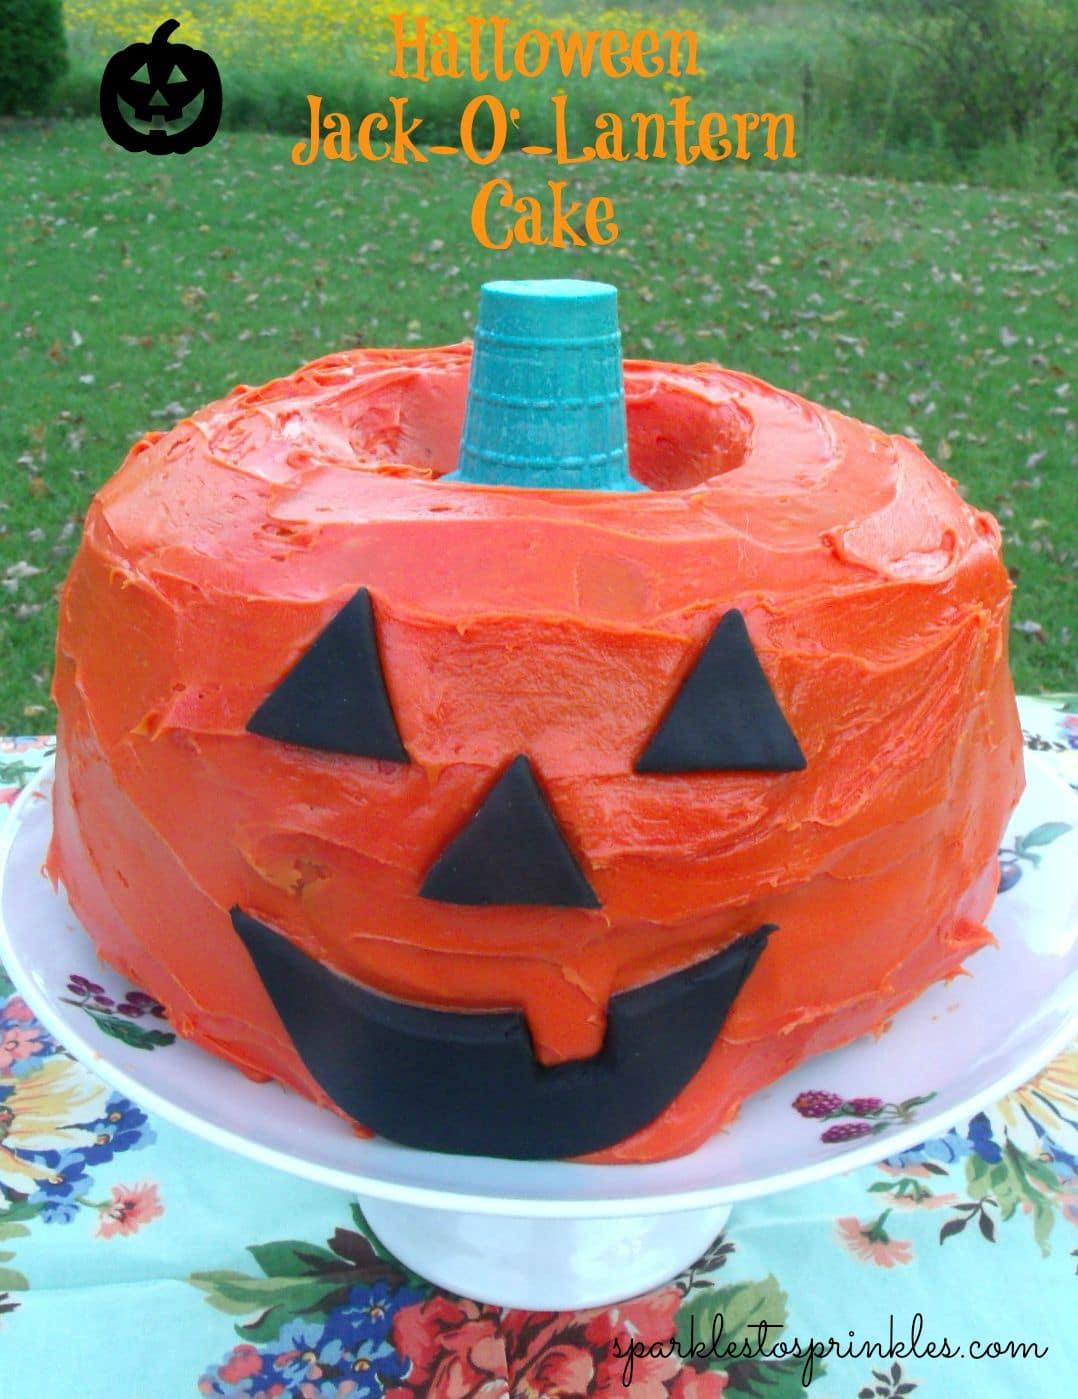 halloween jack-o'-lantern cake - sparkles to sprinkles